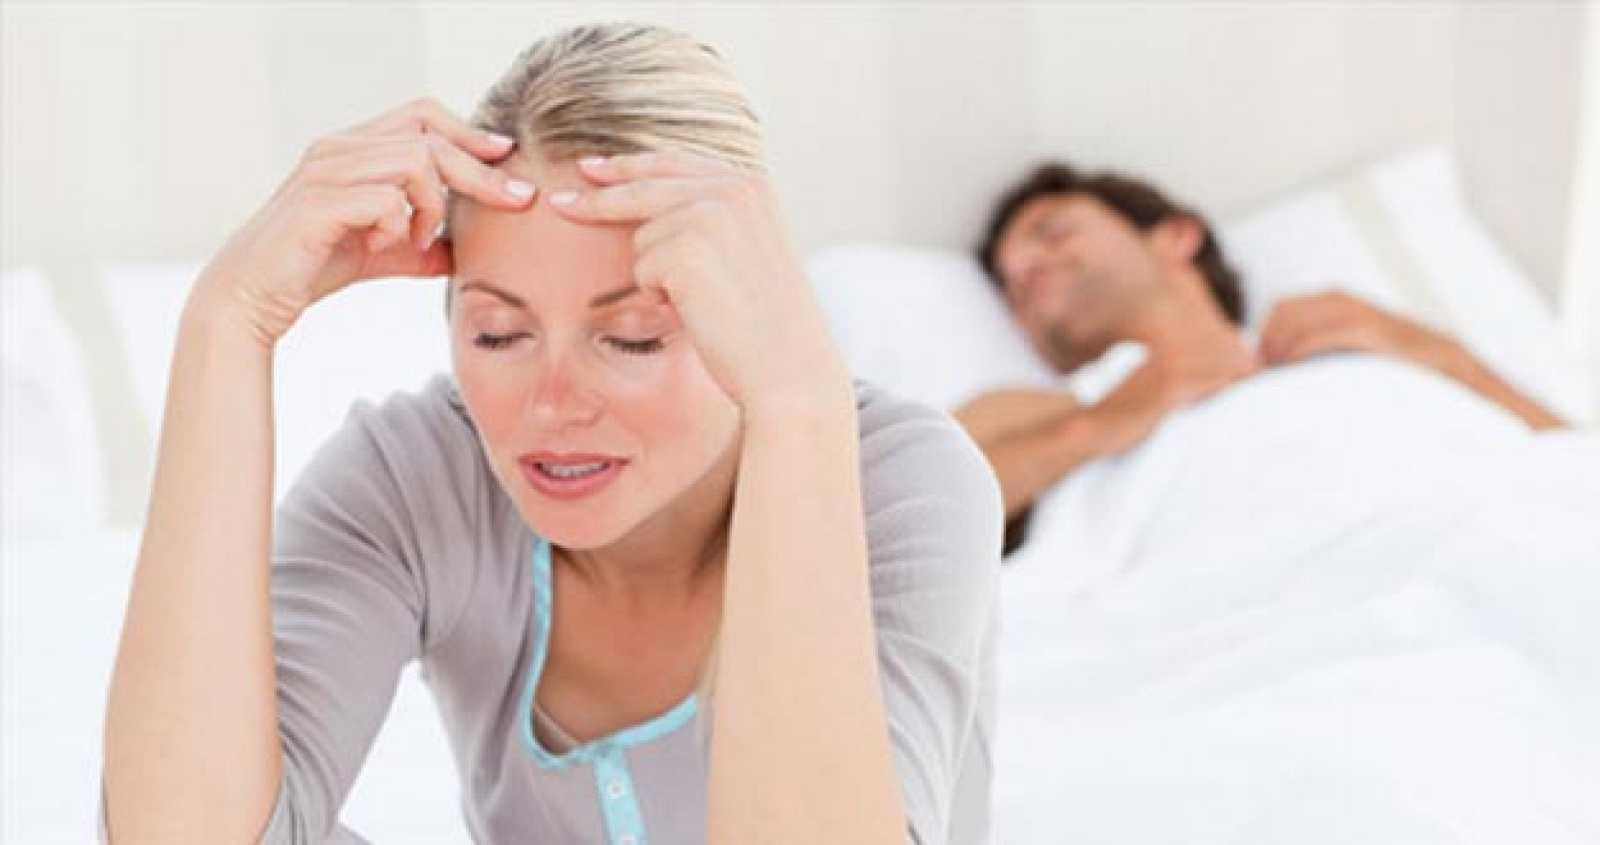 El insomnio afecta, al parecer, más a las mujeres